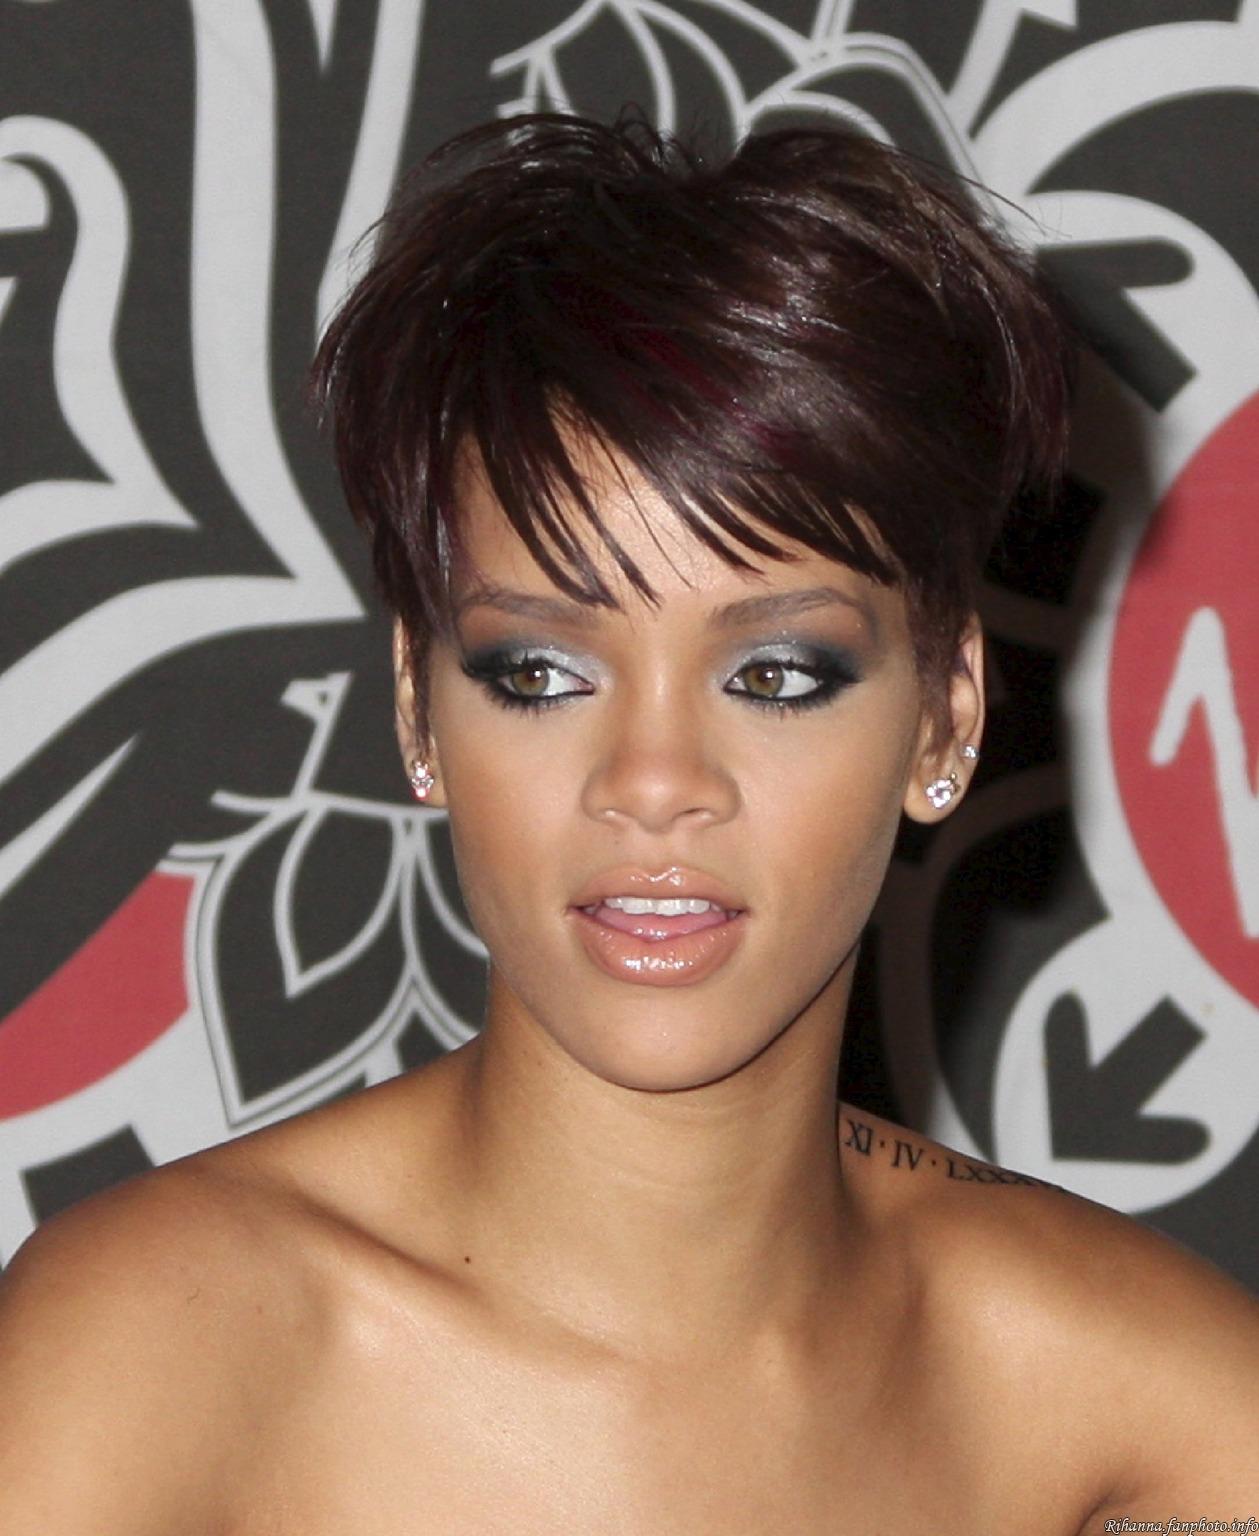 http://1.bp.blogspot.com/-ldgAueO3kA0/TvDK4moWhnI/AAAAAAAAFMA/zFc8BO9YoNQ/s1600/Rihanna+Pictures+10.jpg